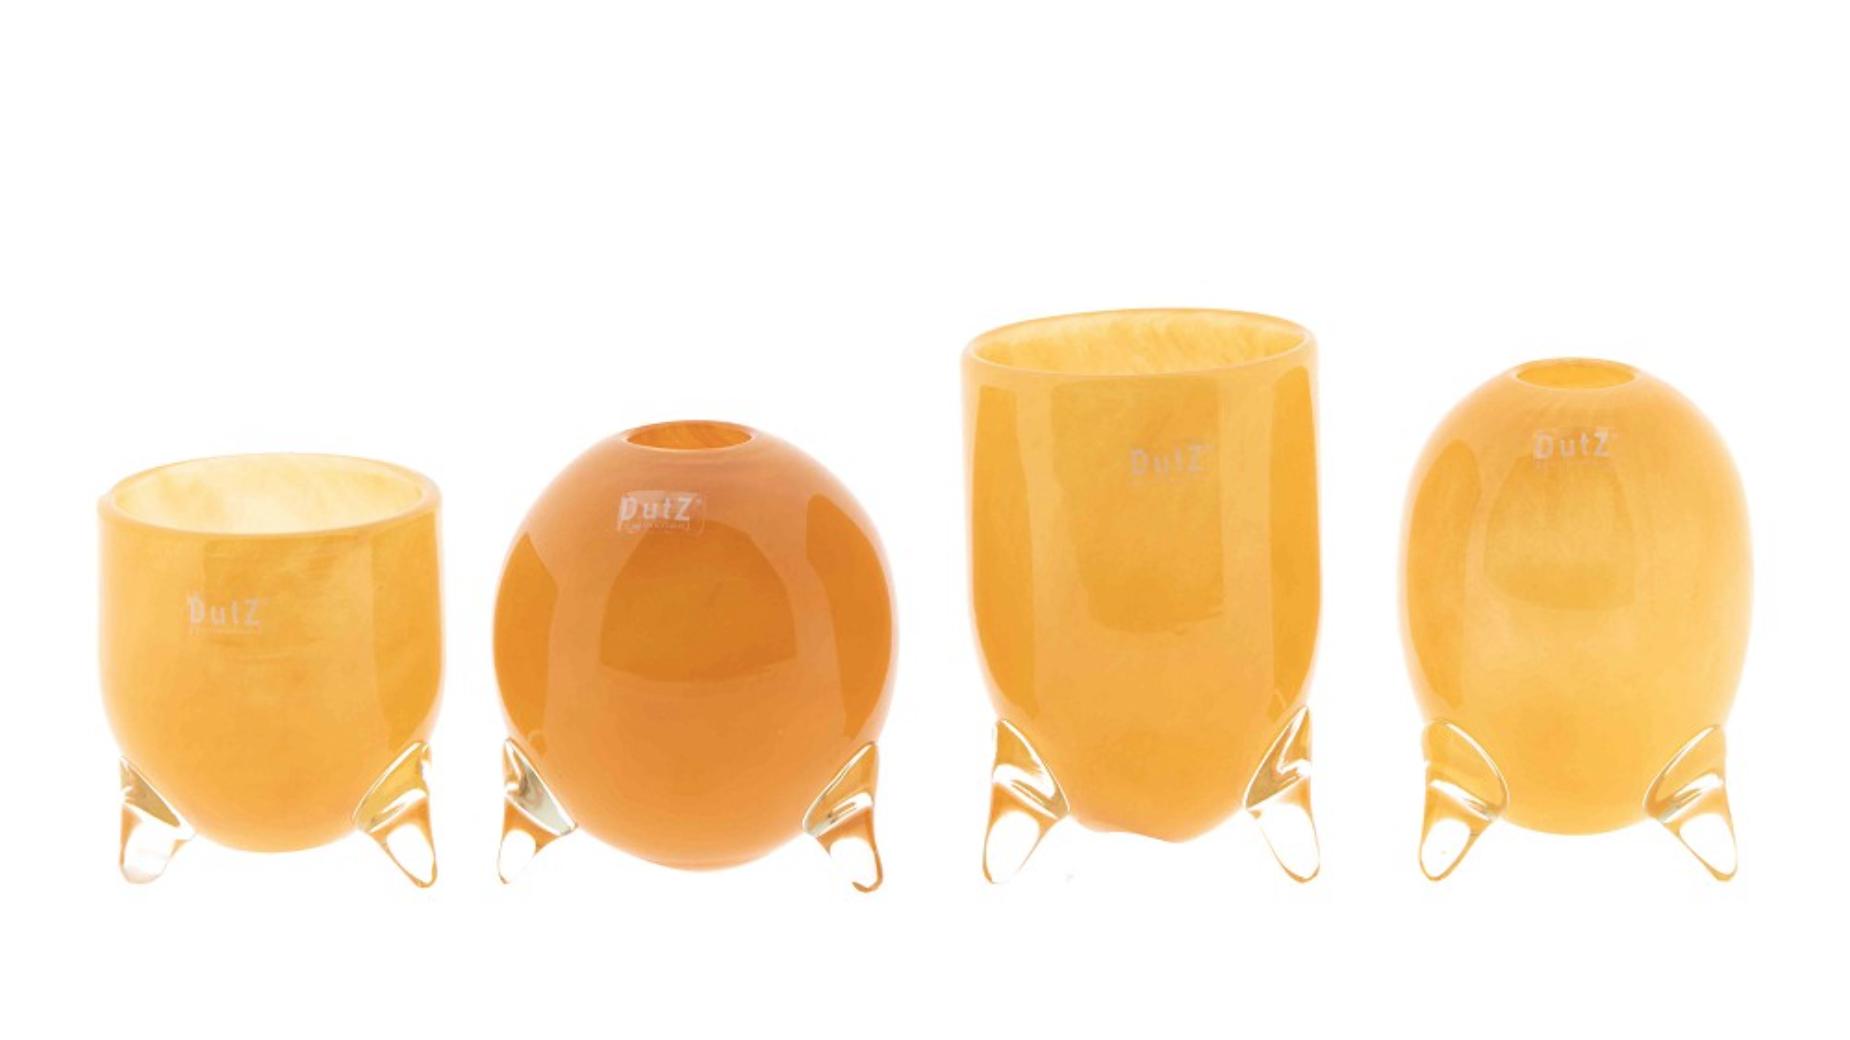 DutZ Vasenset ochre yellow - 4 Stück